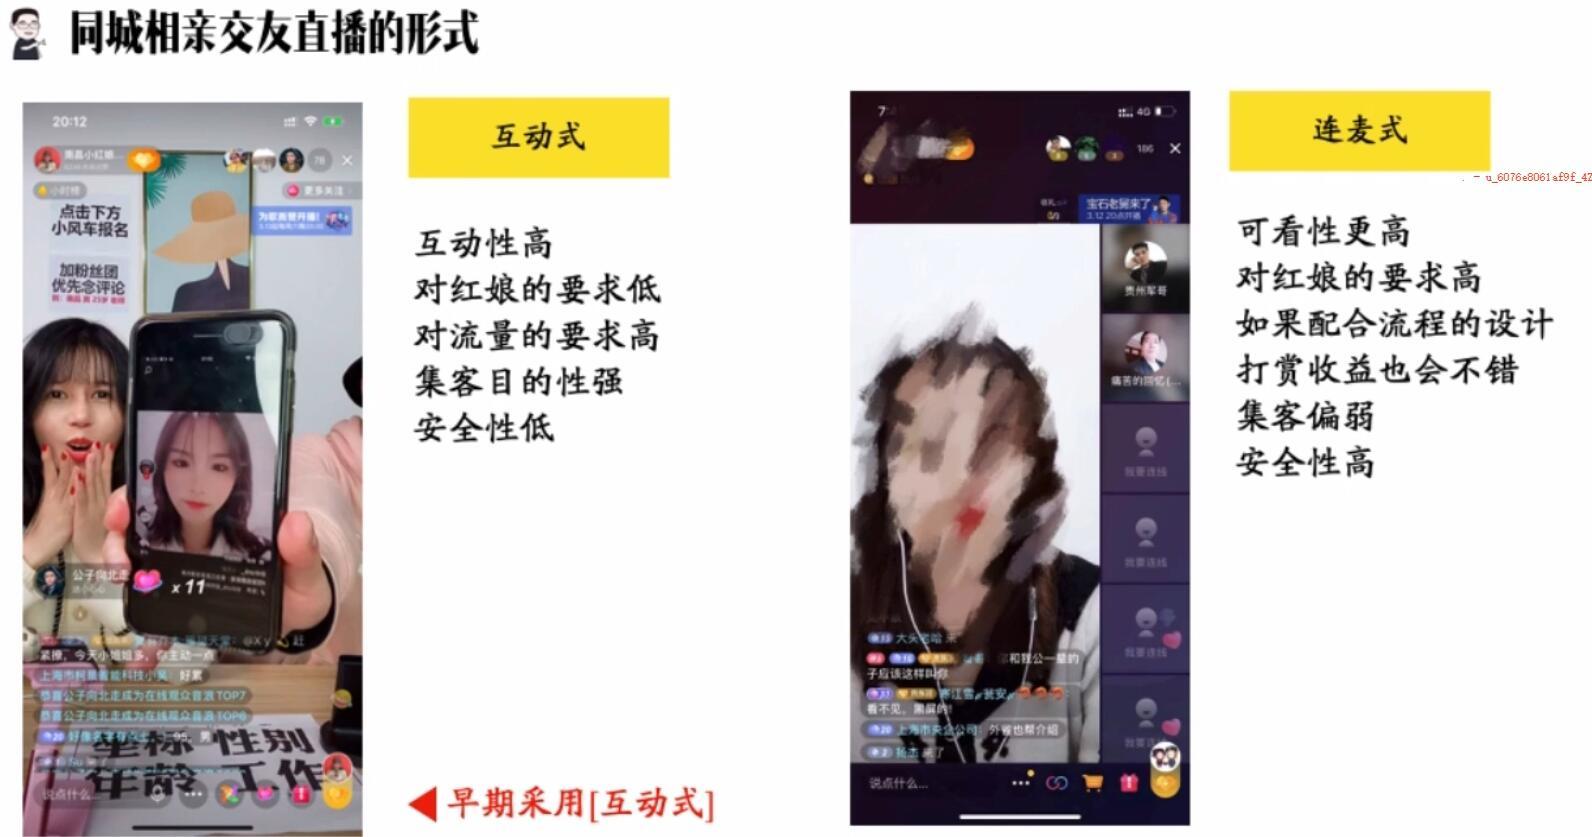 大头老哈·同城相亲交友运营跑配服务,价值4999元插图(2)